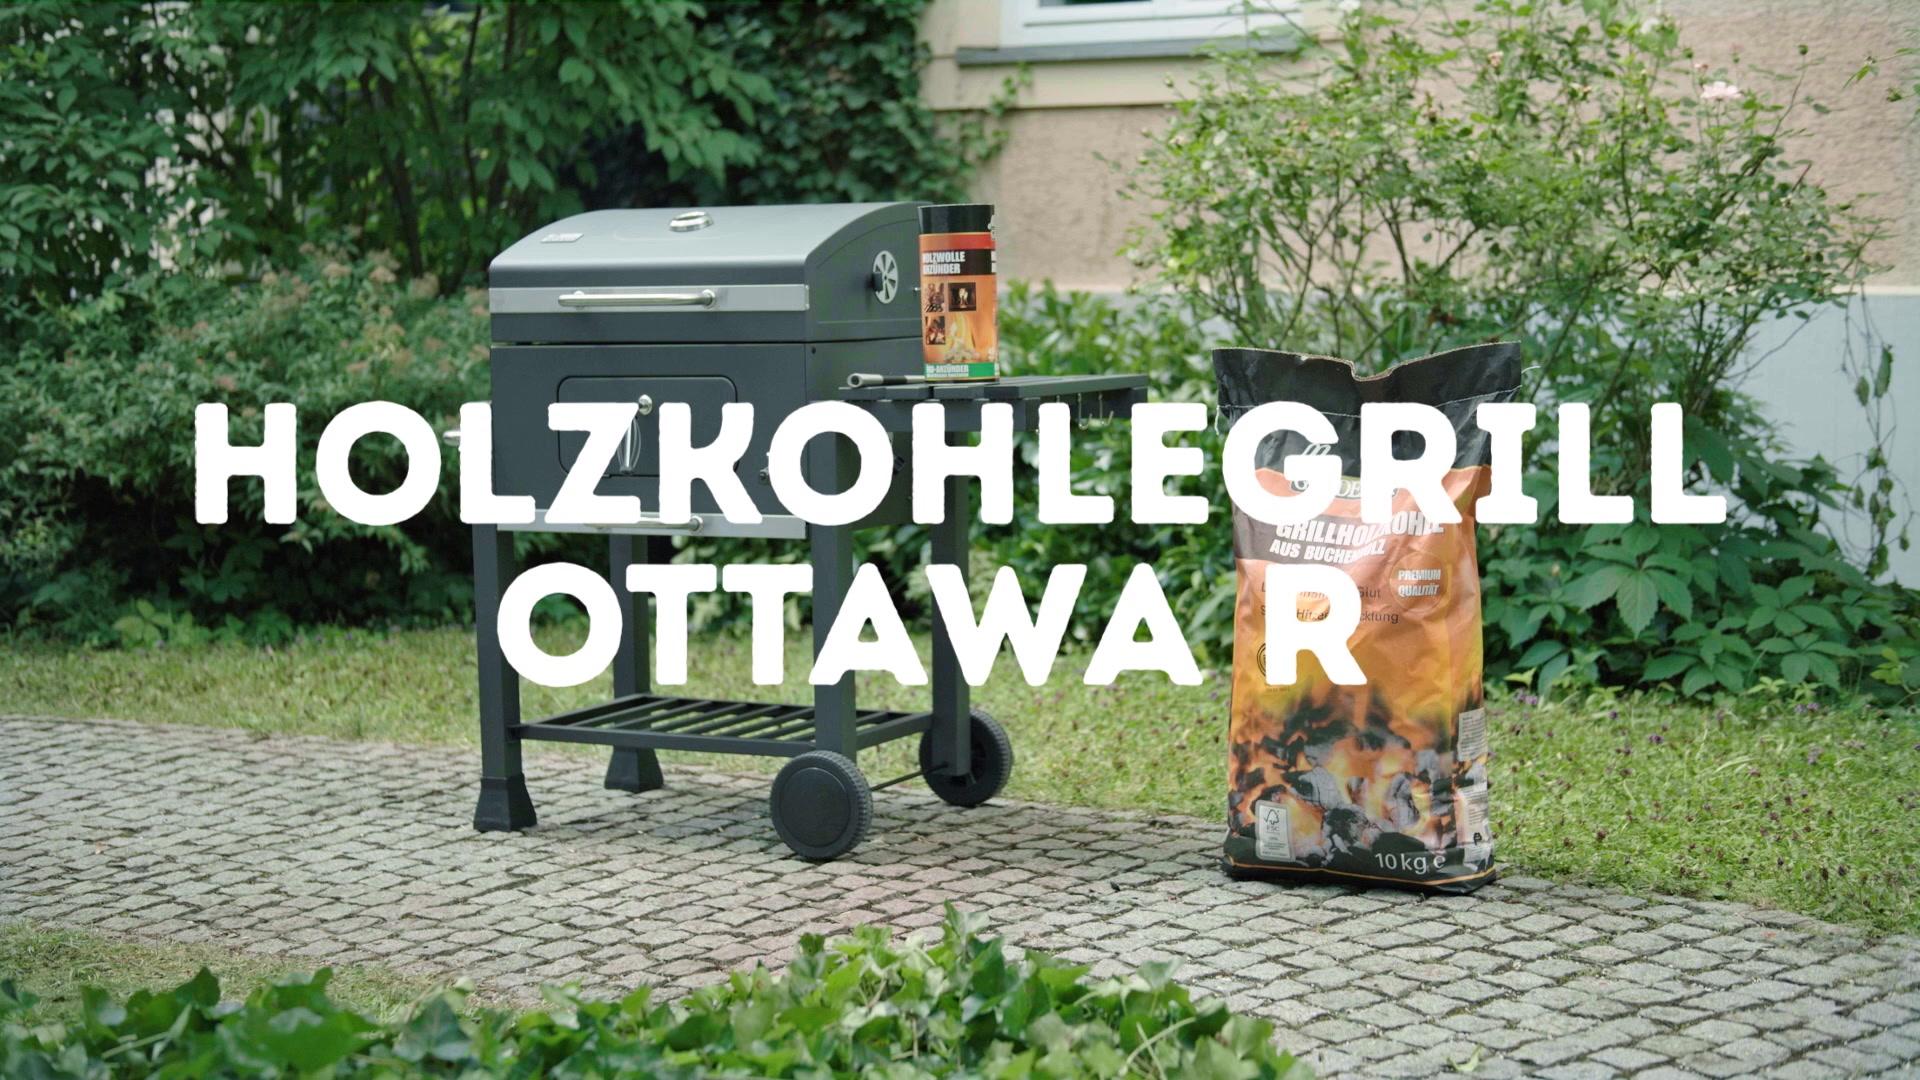 Tepro Toronto Holzkohlegrill Hagebau : Mr gardener holzkohlegrill ottawa r« hagebau